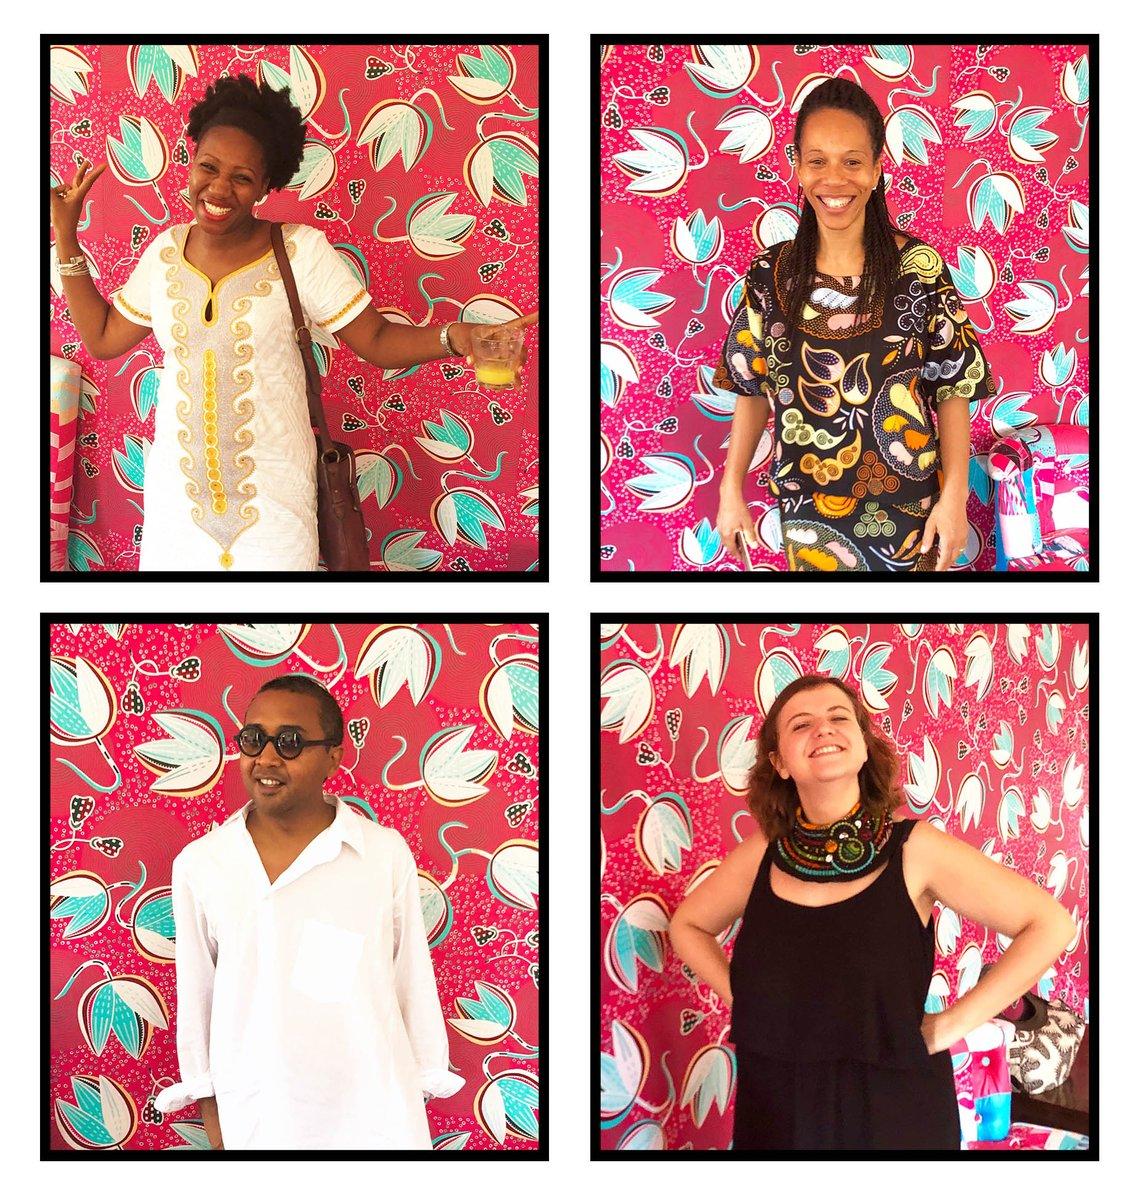 Petit tour par le #Café de la #FondationZinsou au #MuséeOuidah, endroit parfait pour se faire #photographier ! Et vous ? Un joli #portrait à nous montrer ? 📸#team229 #PhotoMW #MuseumWeek @nanawax @floracoquerel @McZinsou #Ouidah